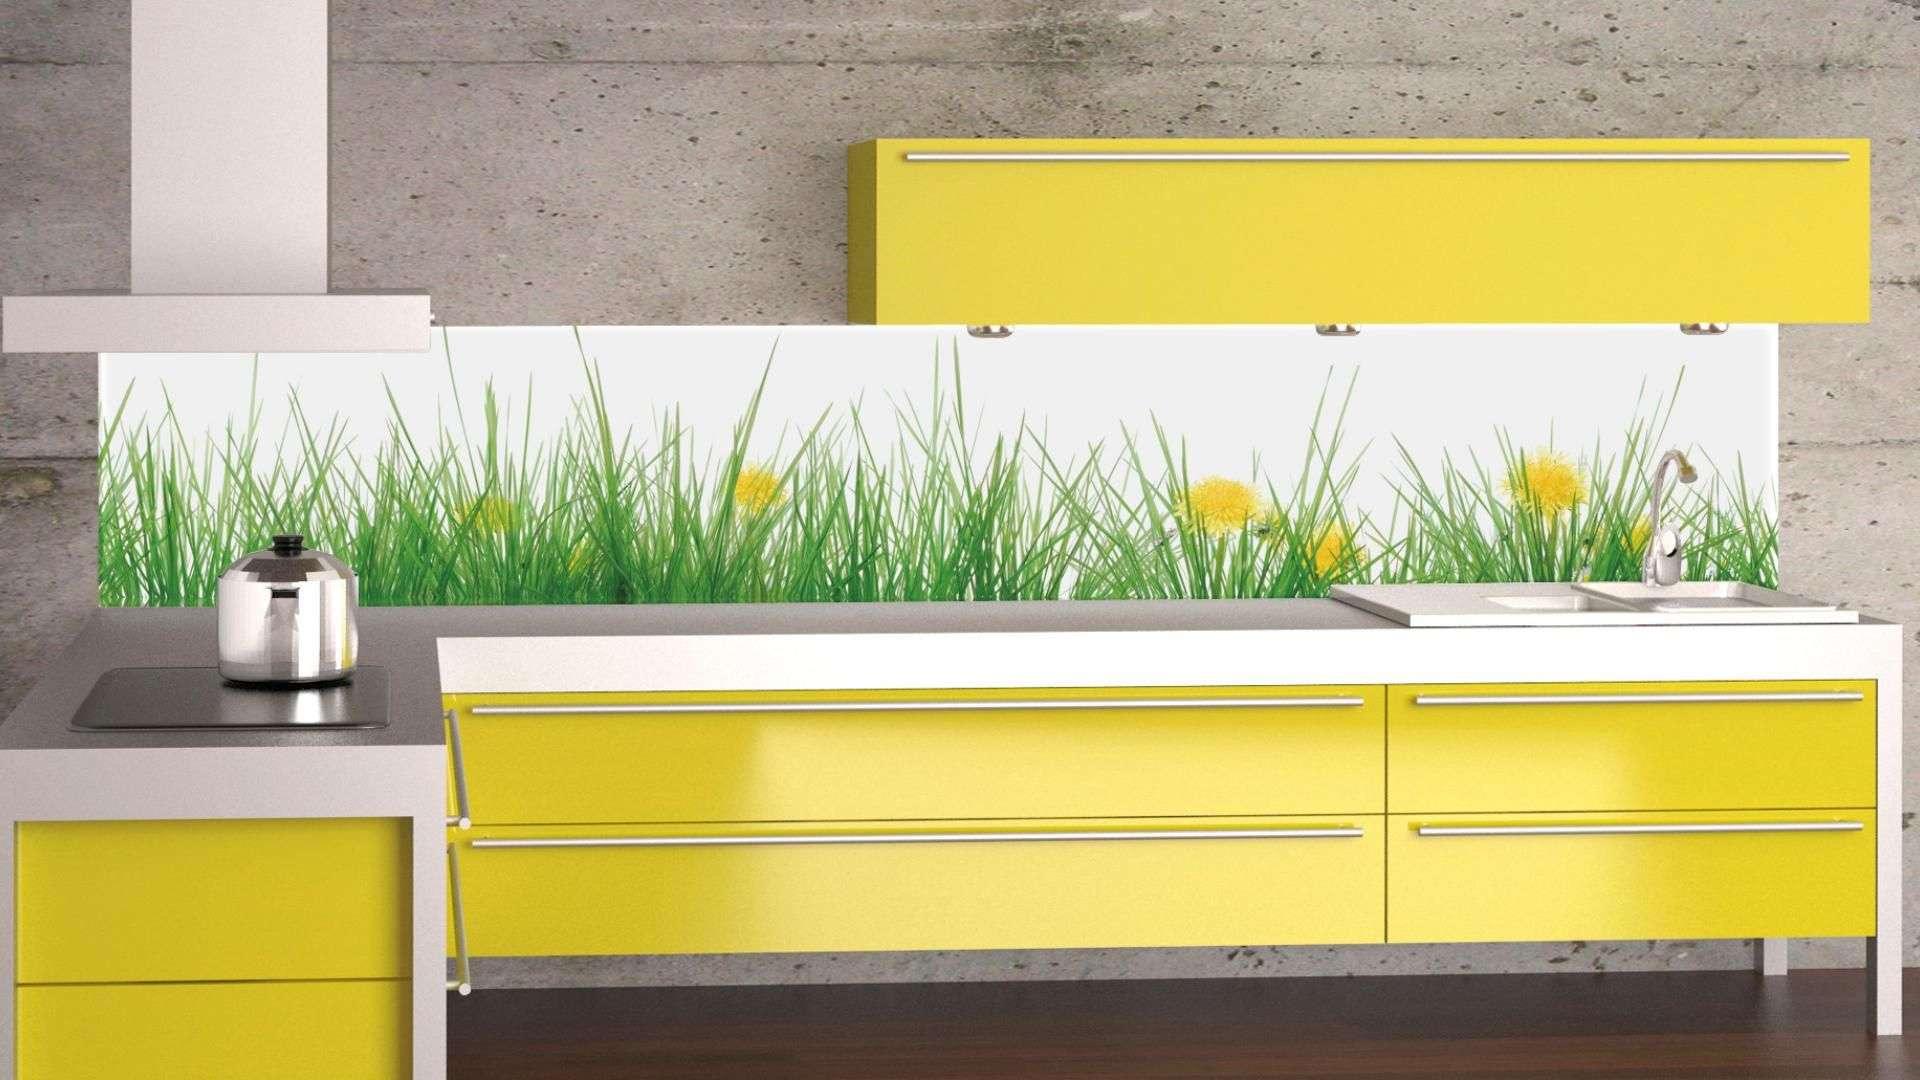 bedruckte Glasrückwand als Spritzschutz in einer gelben Küche